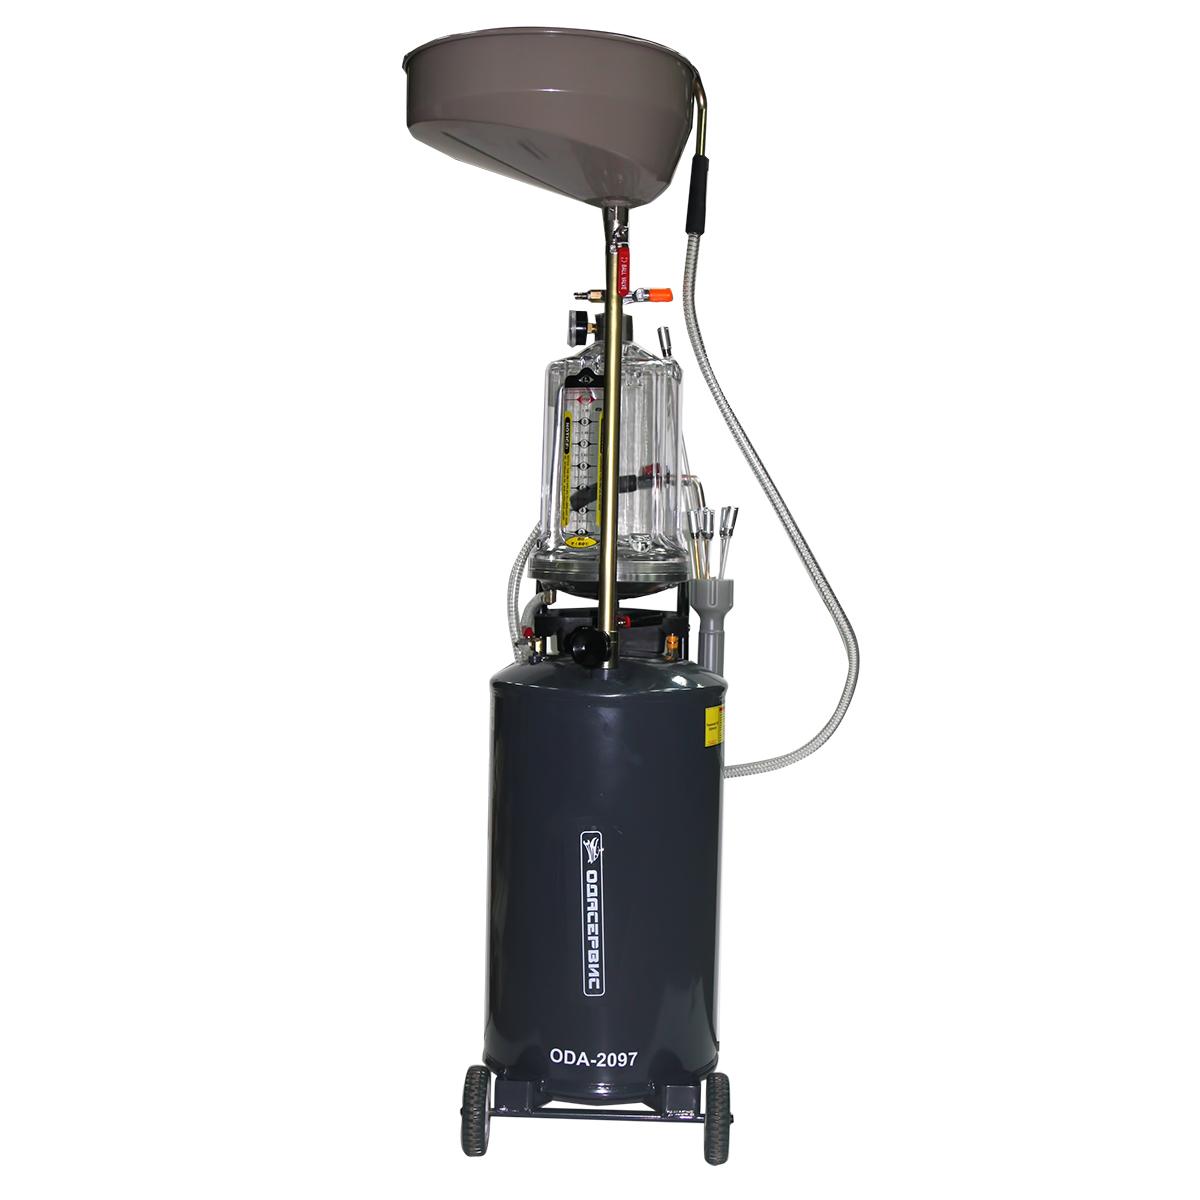 Установка для слива масла с колбой и щупами ОДА Сервис ODA-2097